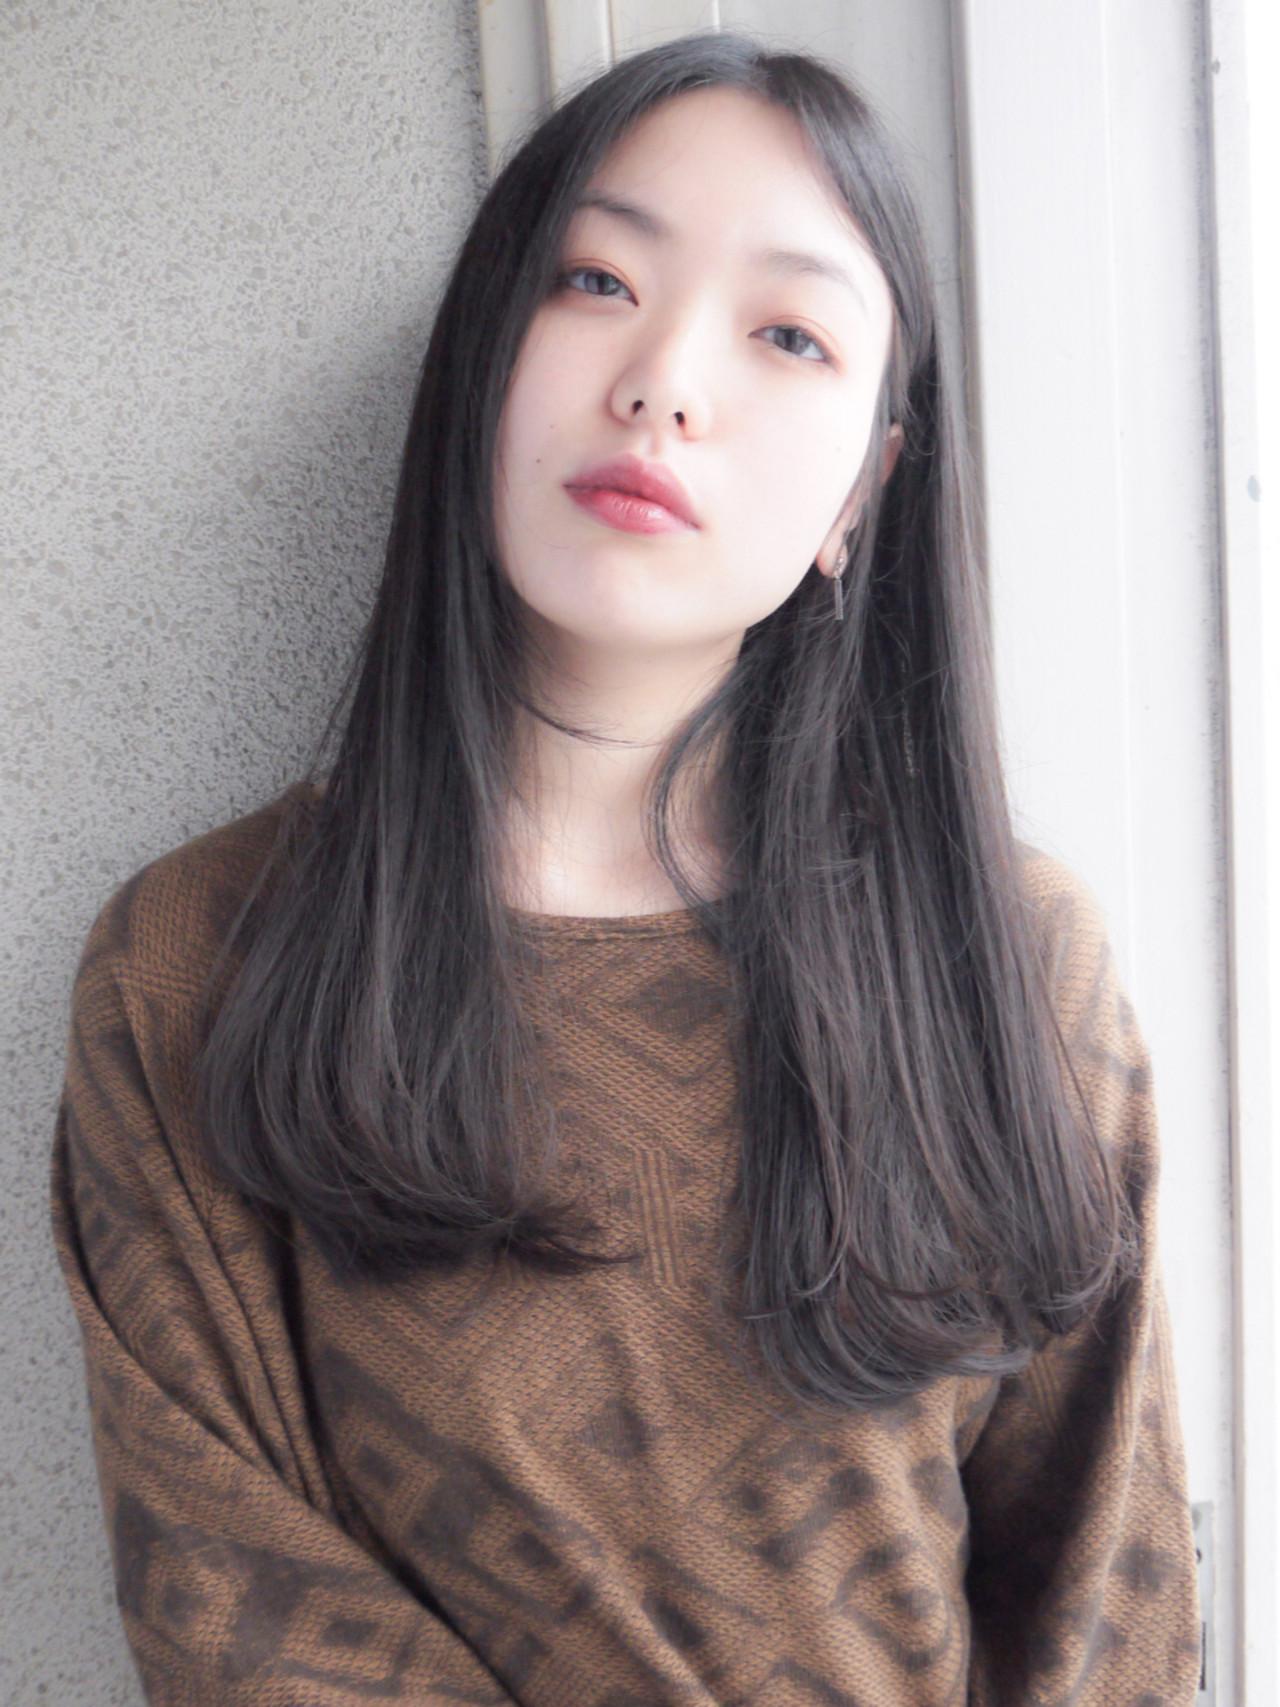 大人かわいい ロング オフィス 愛され ヘアスタイルや髪型の写真・画像 | HIROKI / roijir / roijir